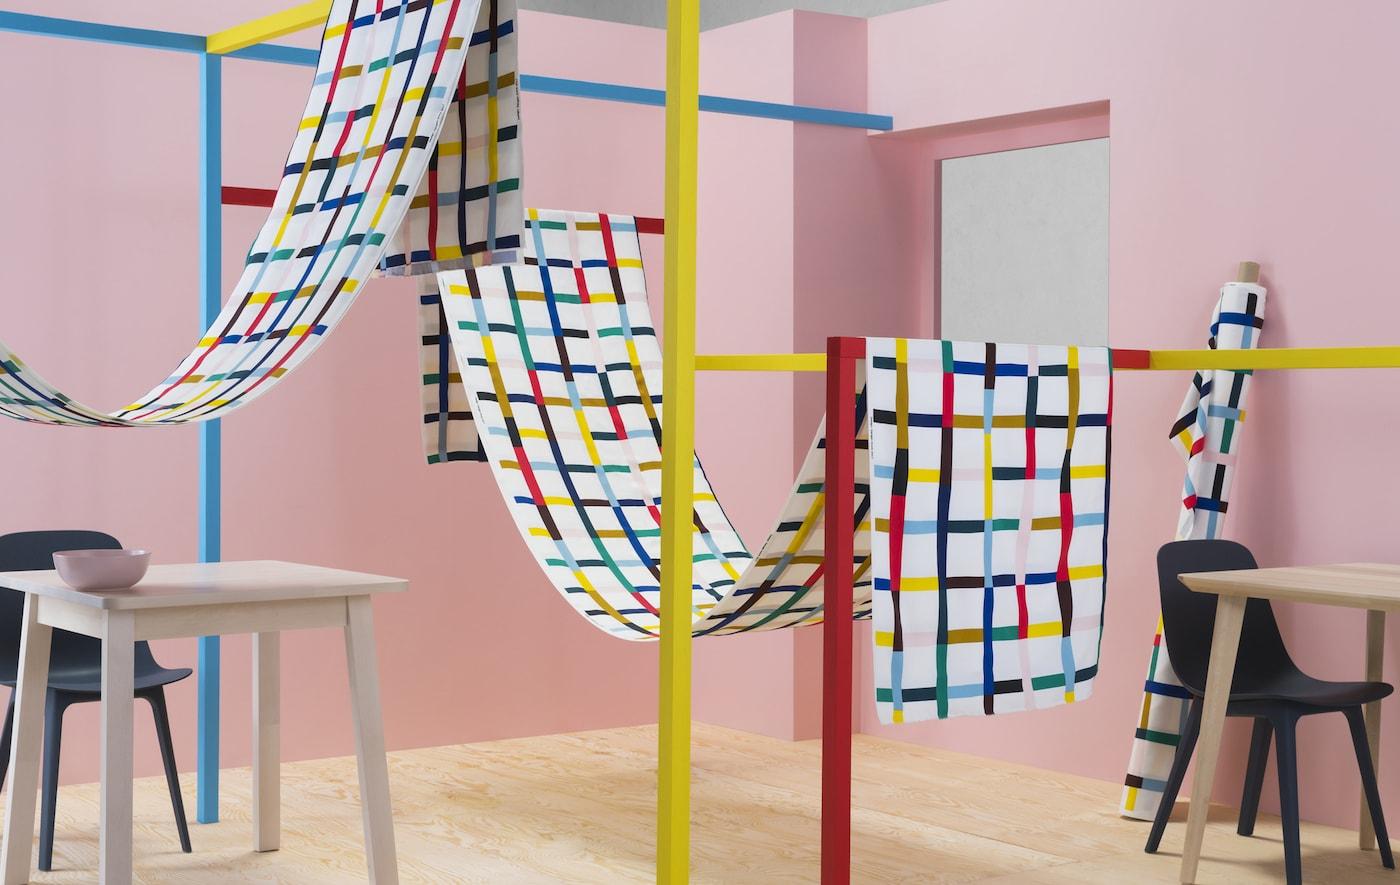 Vegyes színű mintás méteráru egy rózsaszín szobában.